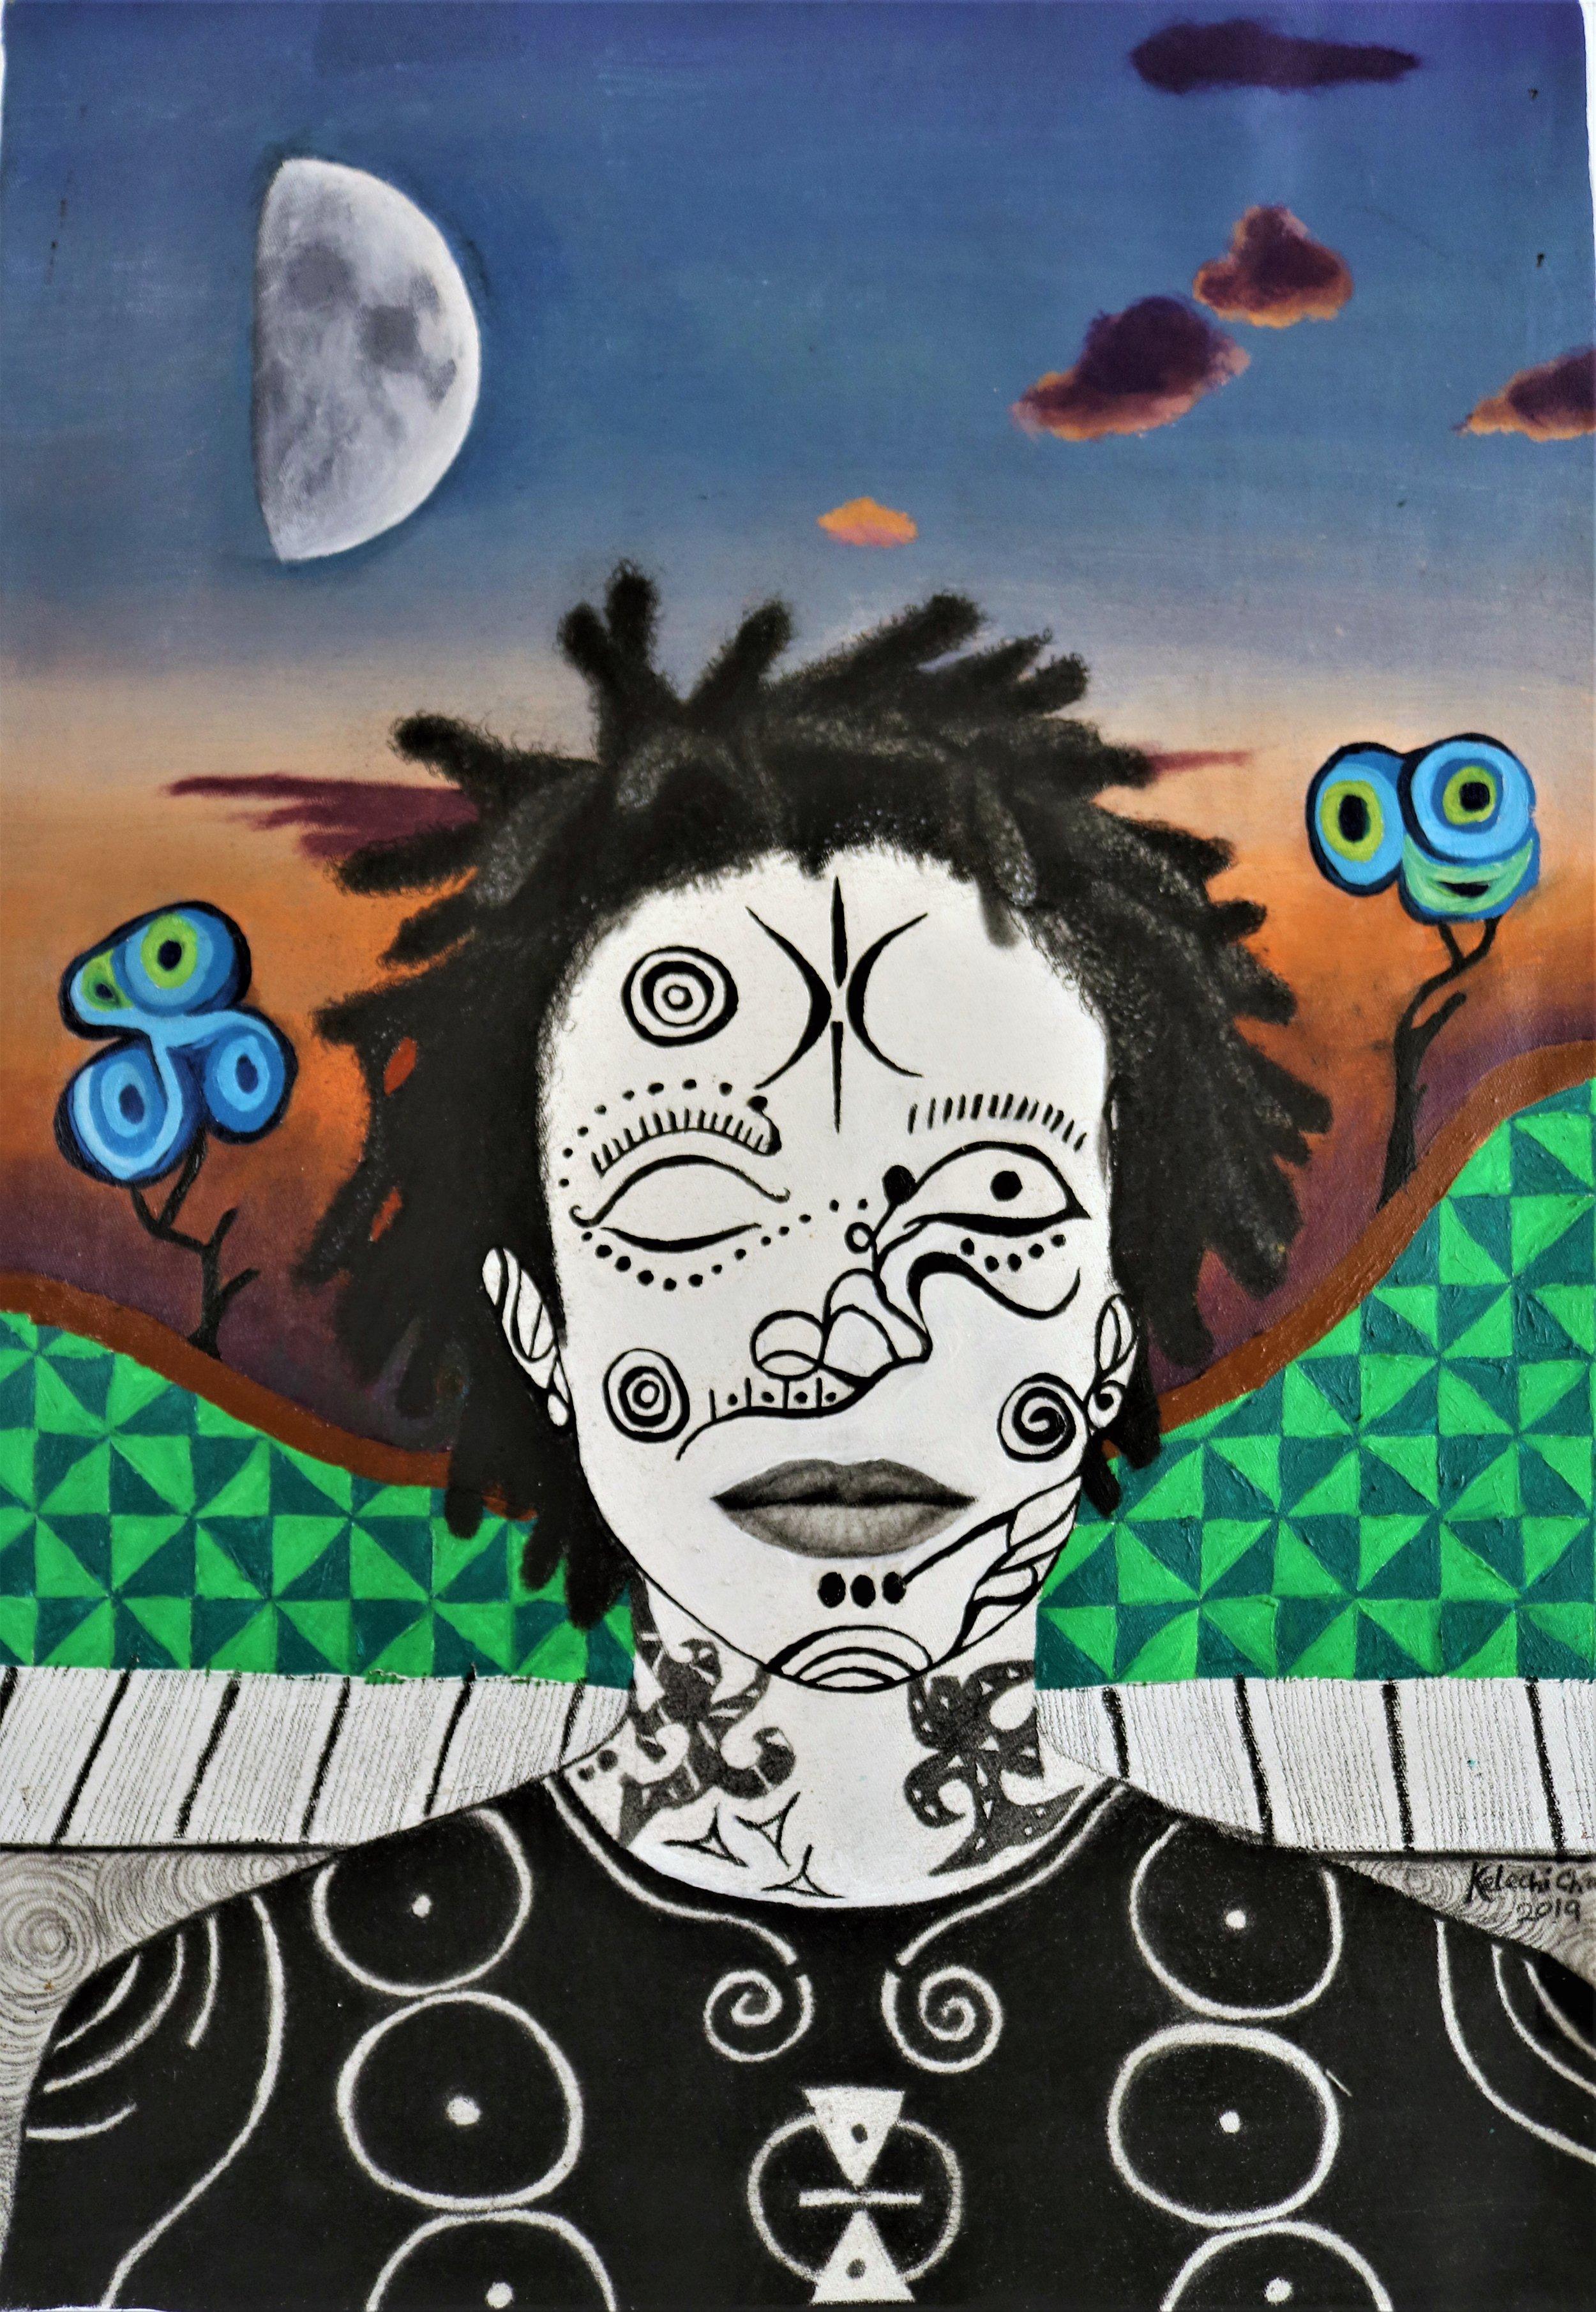 Time, People & Change II, Acrylic, oil, charcoal, pencil on canvas, 42 x 60 cm, 2019, Kelechi Nwaneri